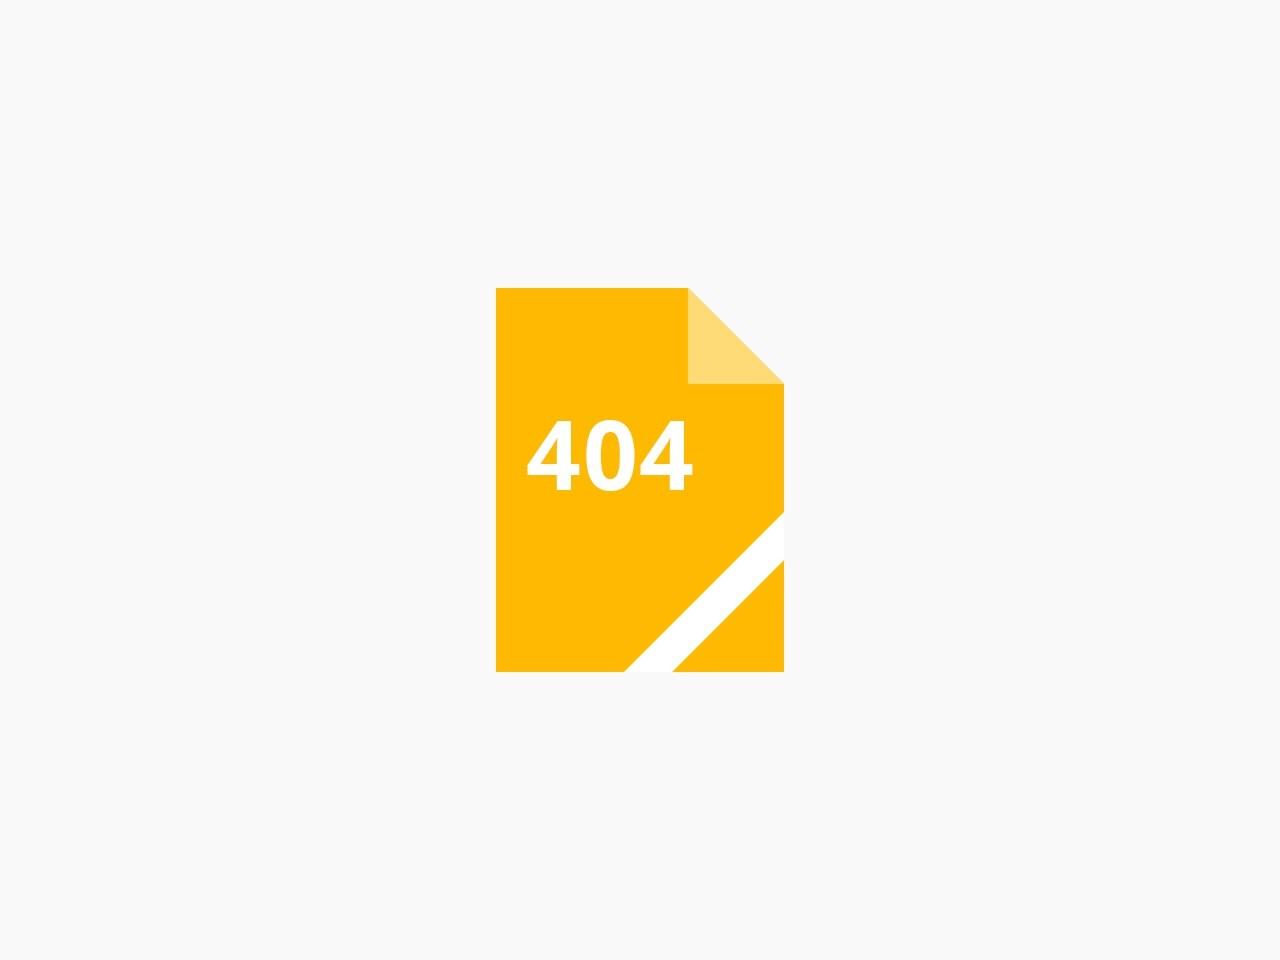 泉総合法律事務所(弁護士法人)所沢支店